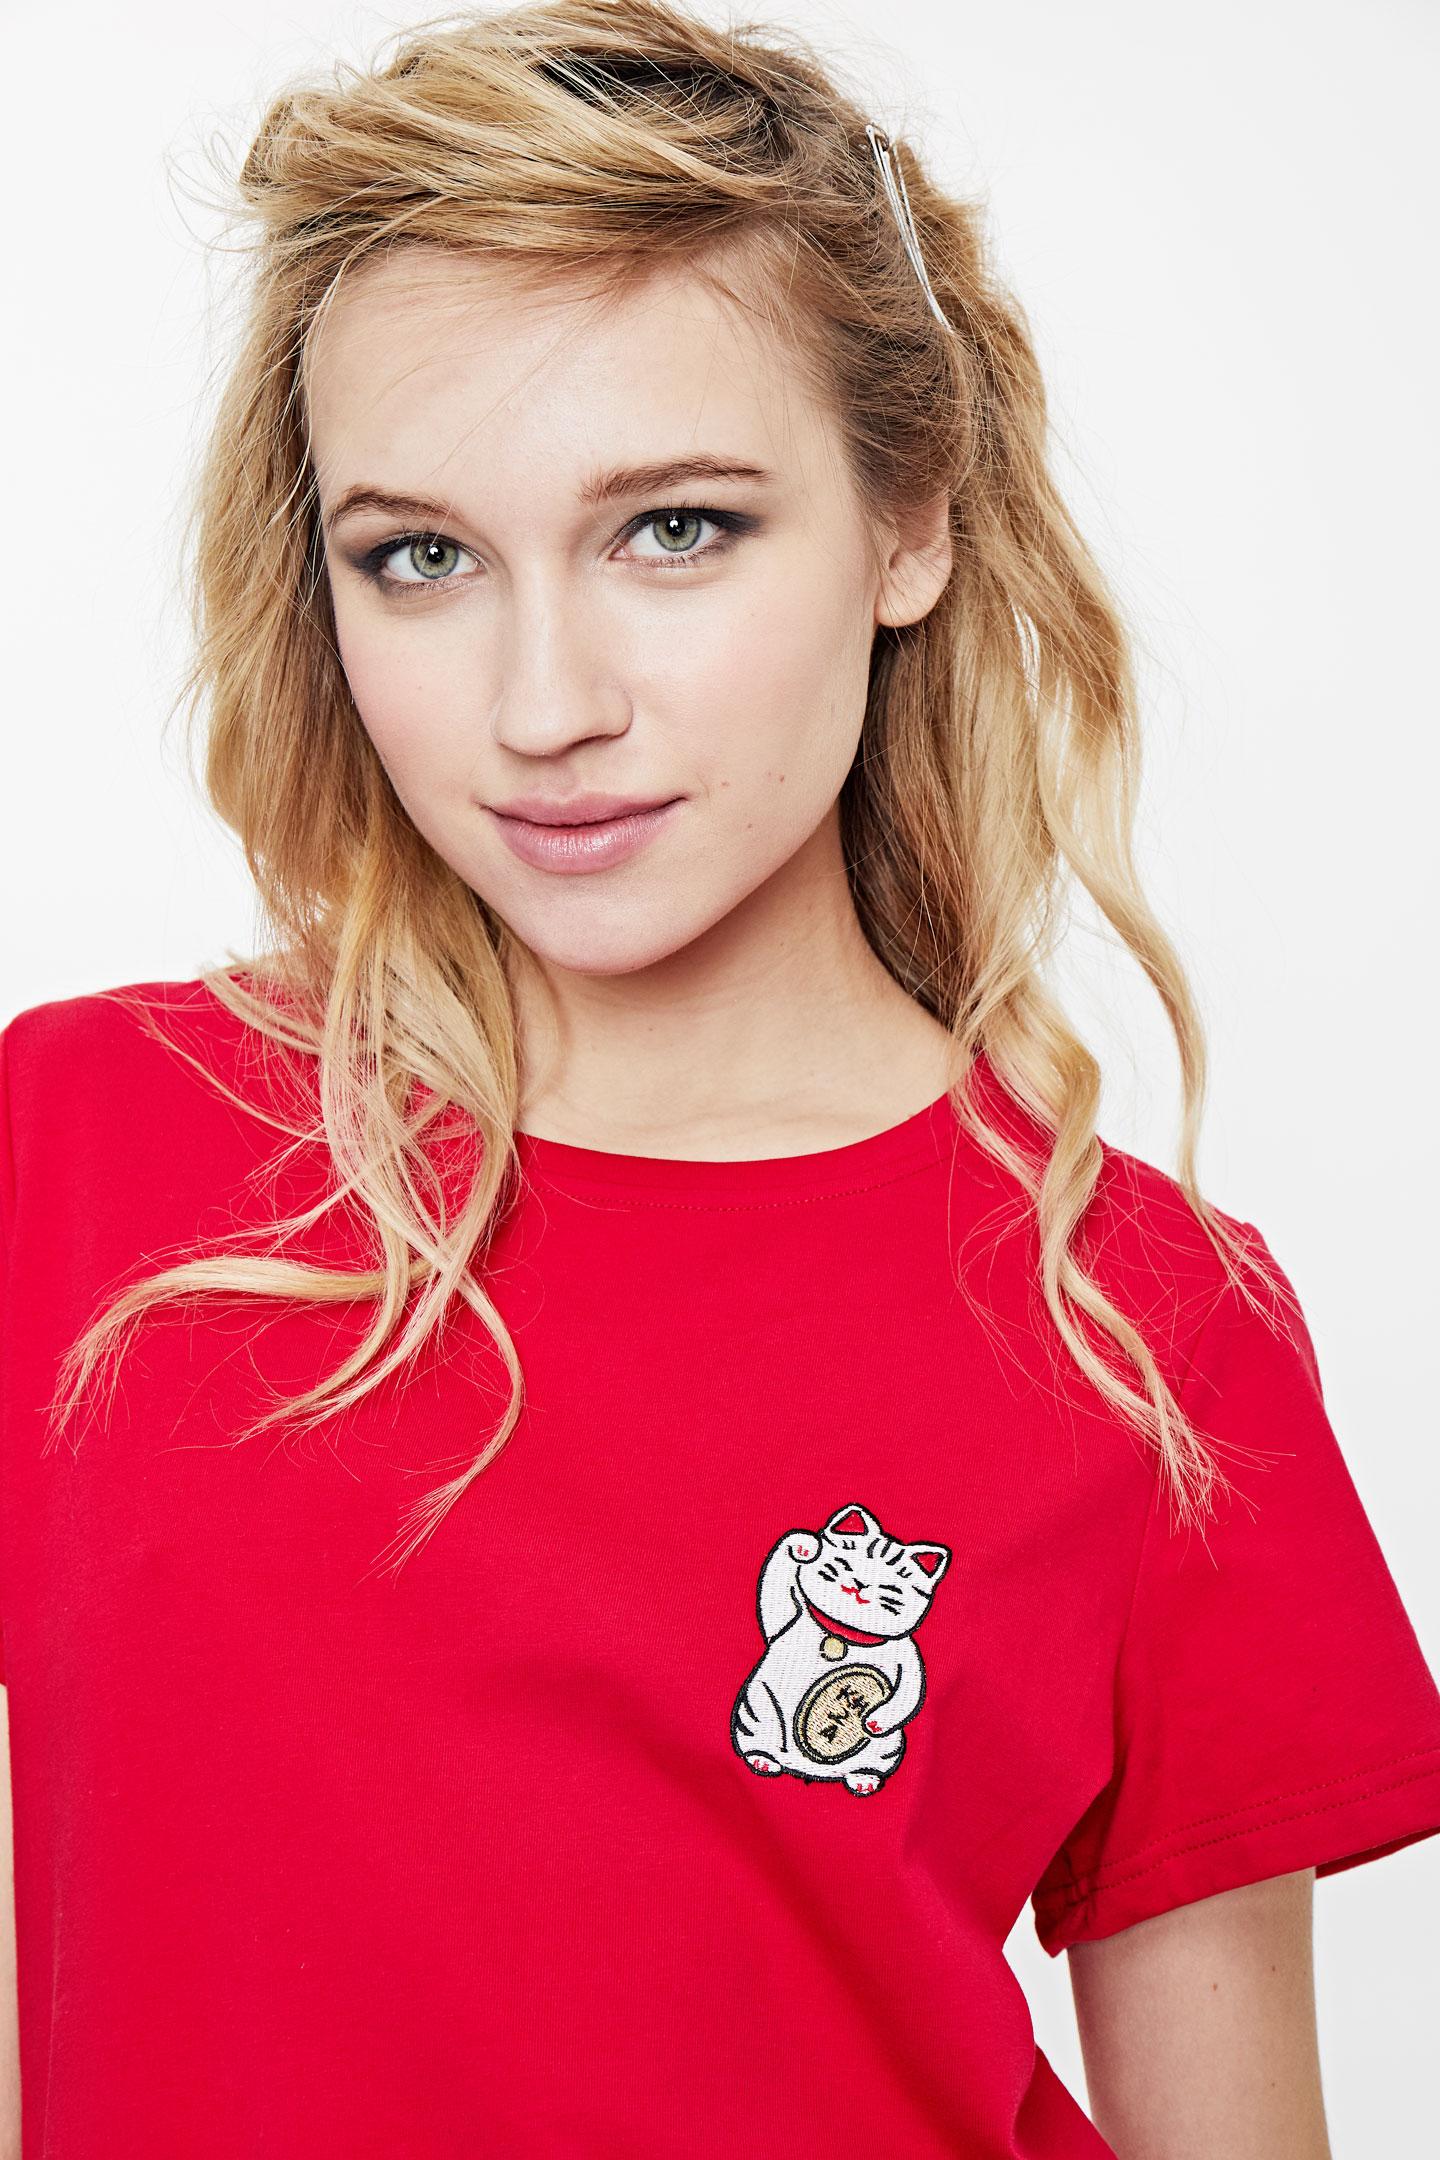 e8ed7248978 Интернет-магазин модной одежды для женщин Click-Boutique